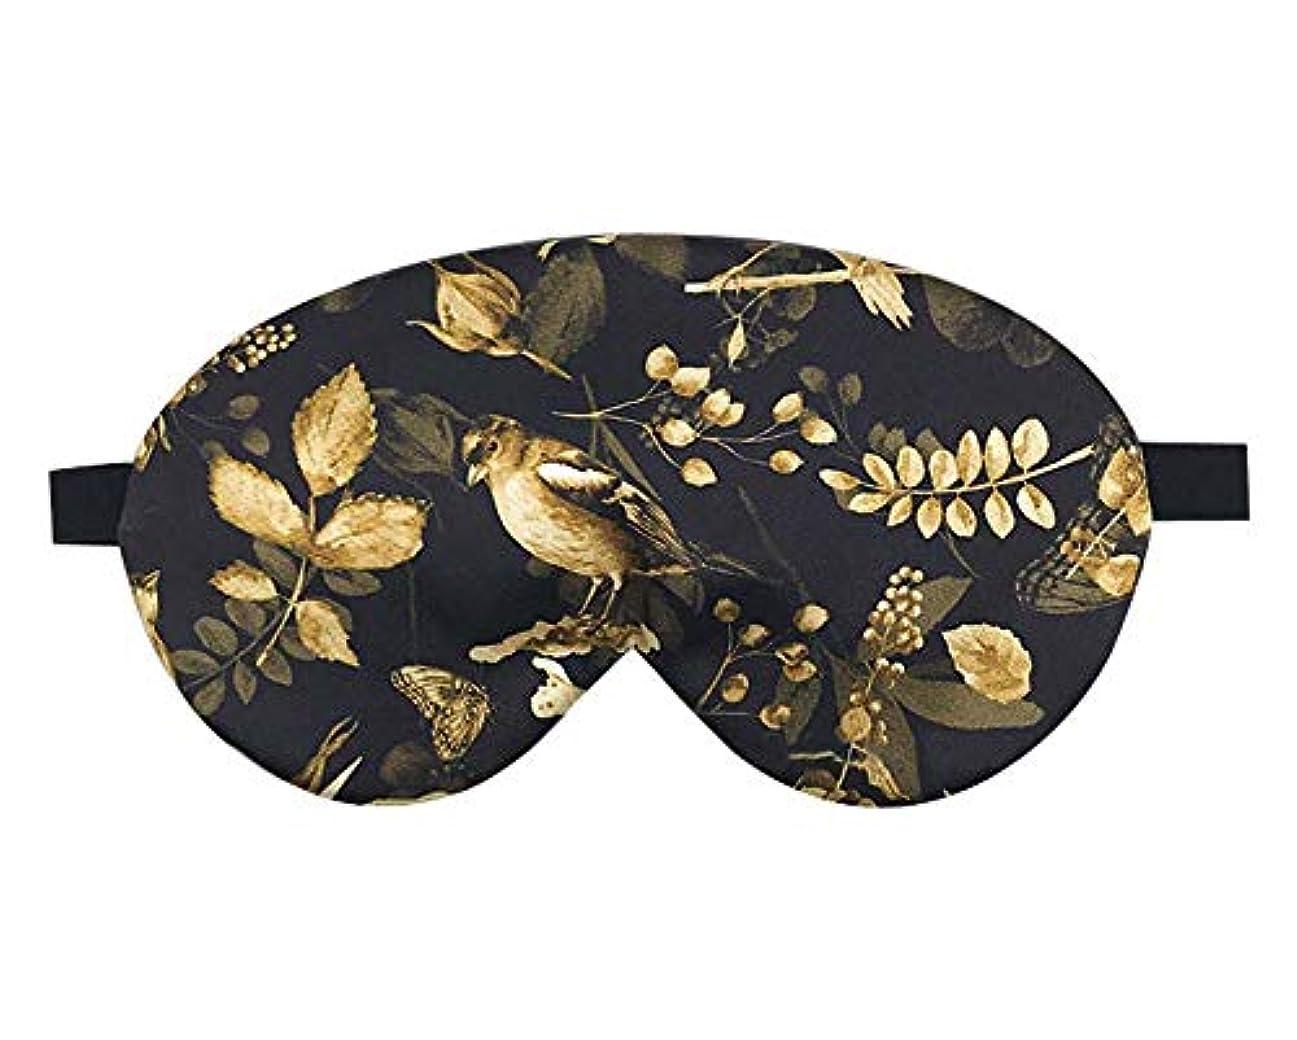 チップシャーロットブロンテ社交的両面シルクアイマスク調節可能なストラップ付きのエレガントなアイシェードスリープアイマスク (木鳥花)